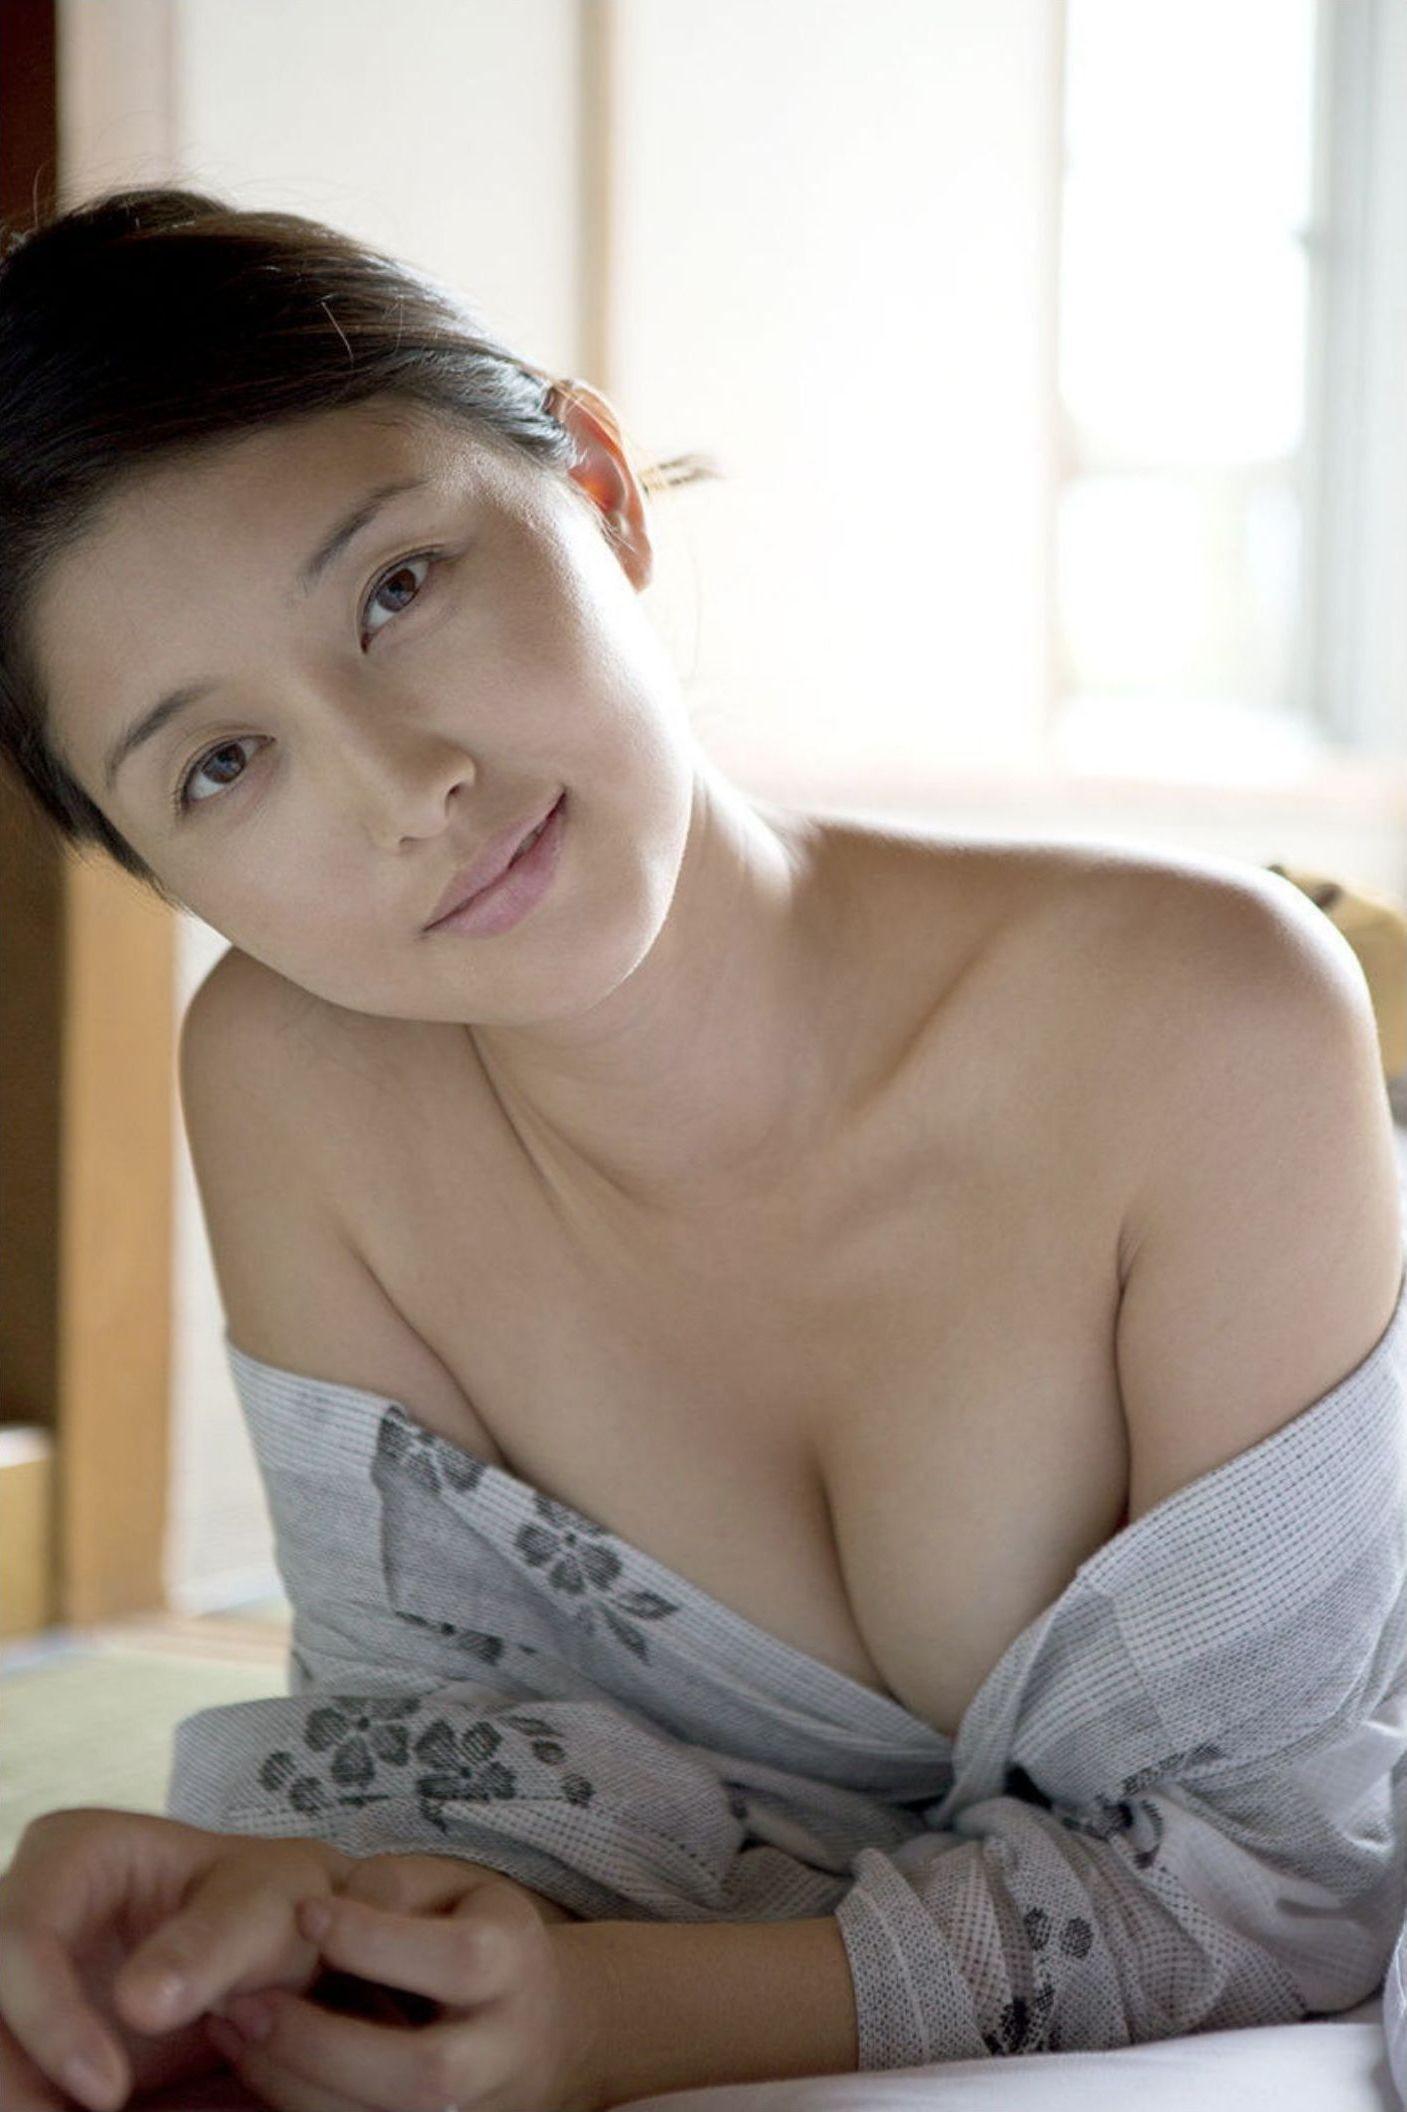 『愛の記憶』橋本マナミ デジタル写真集 017